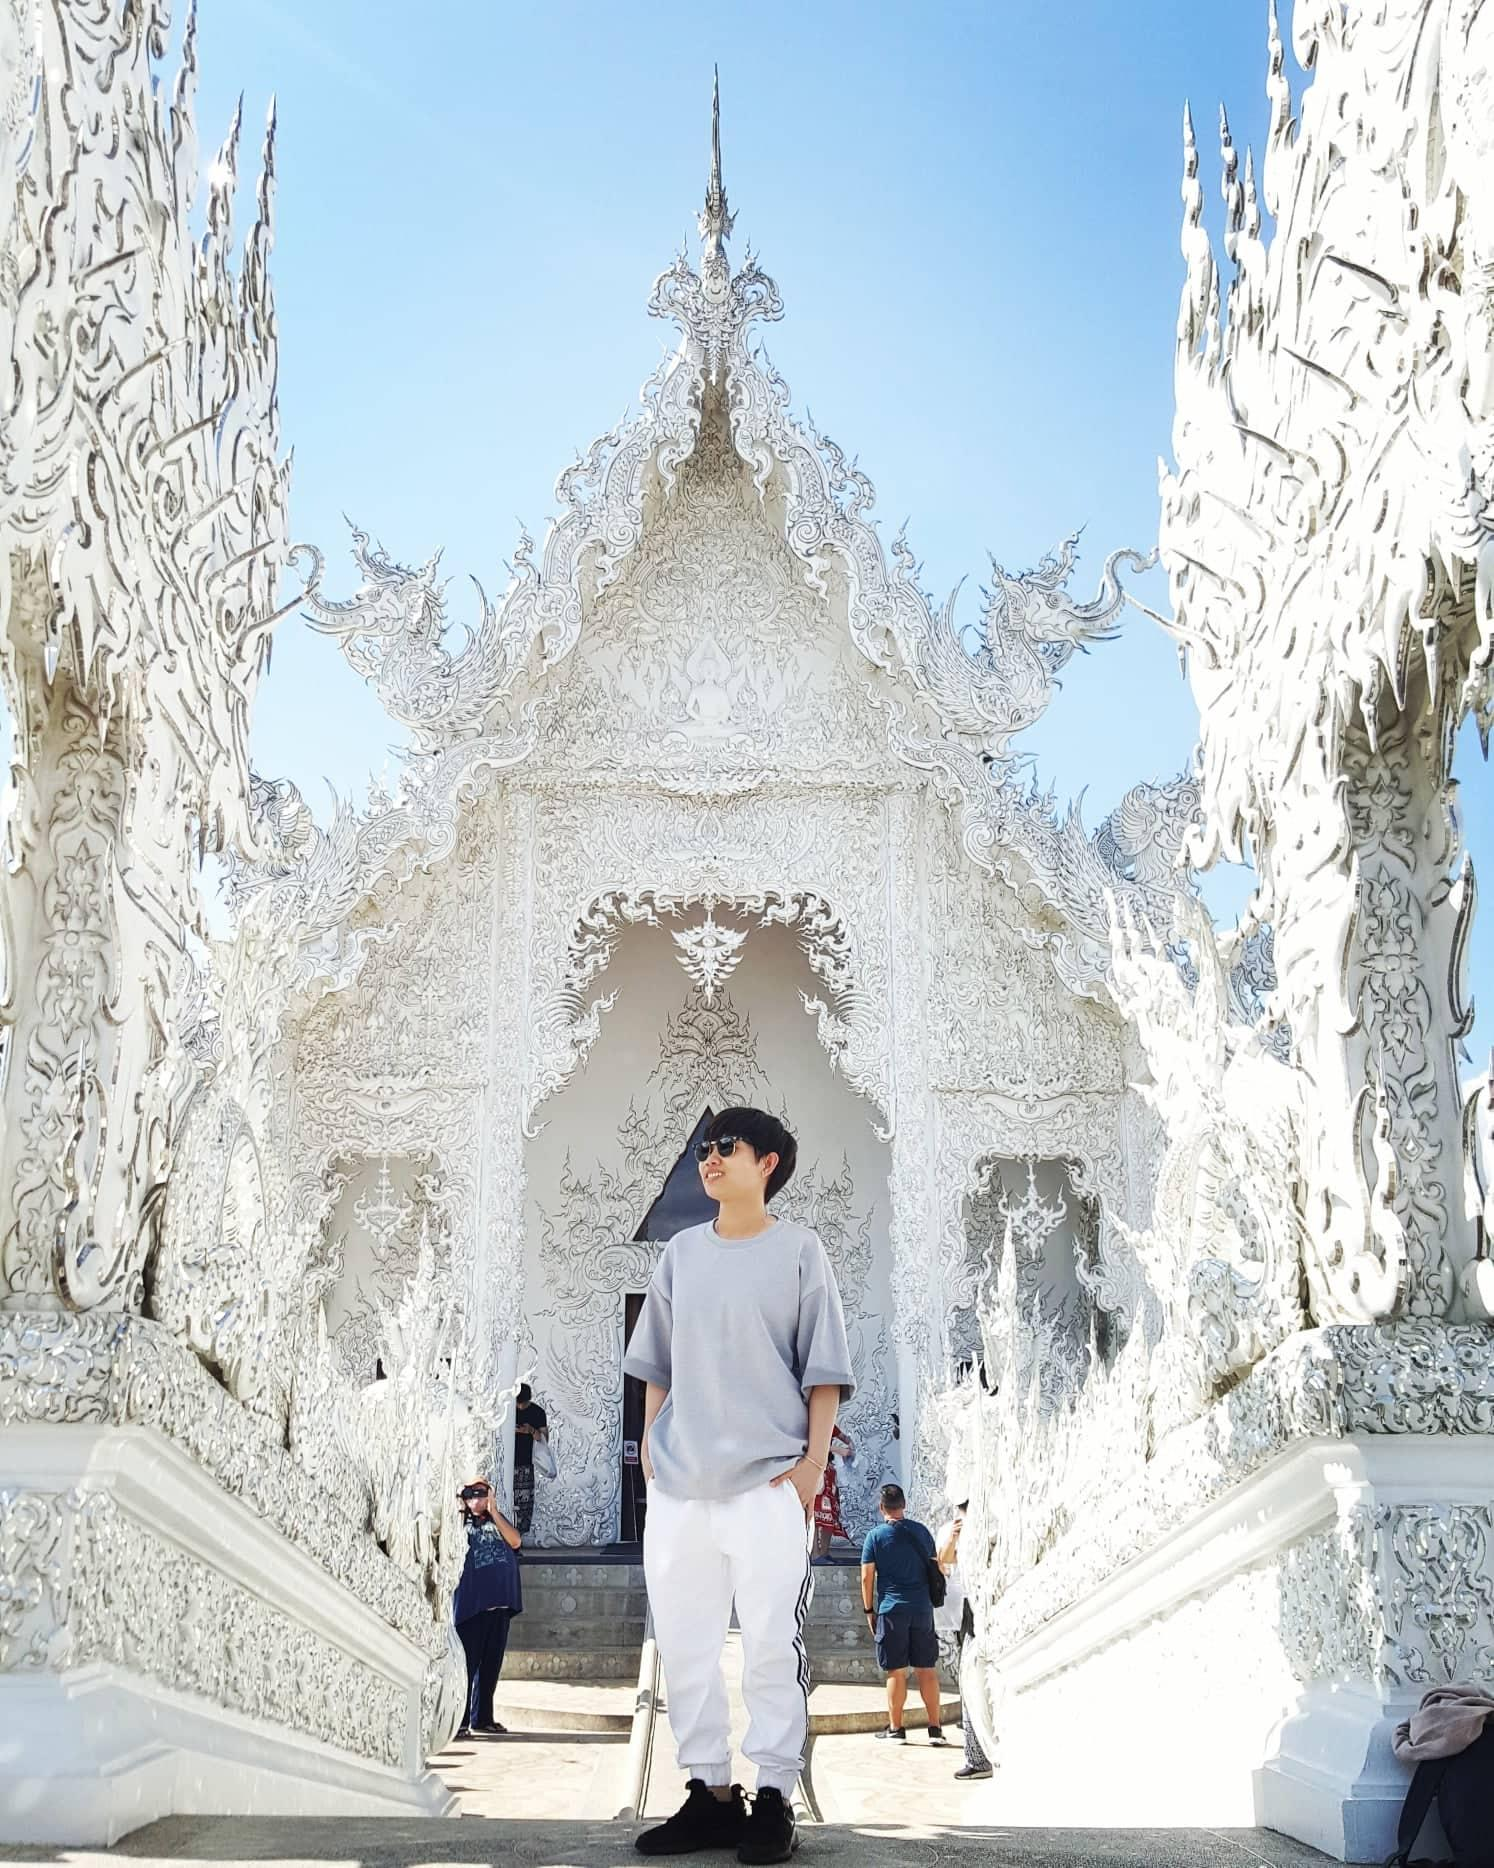 chùa trắng ở chiang mai